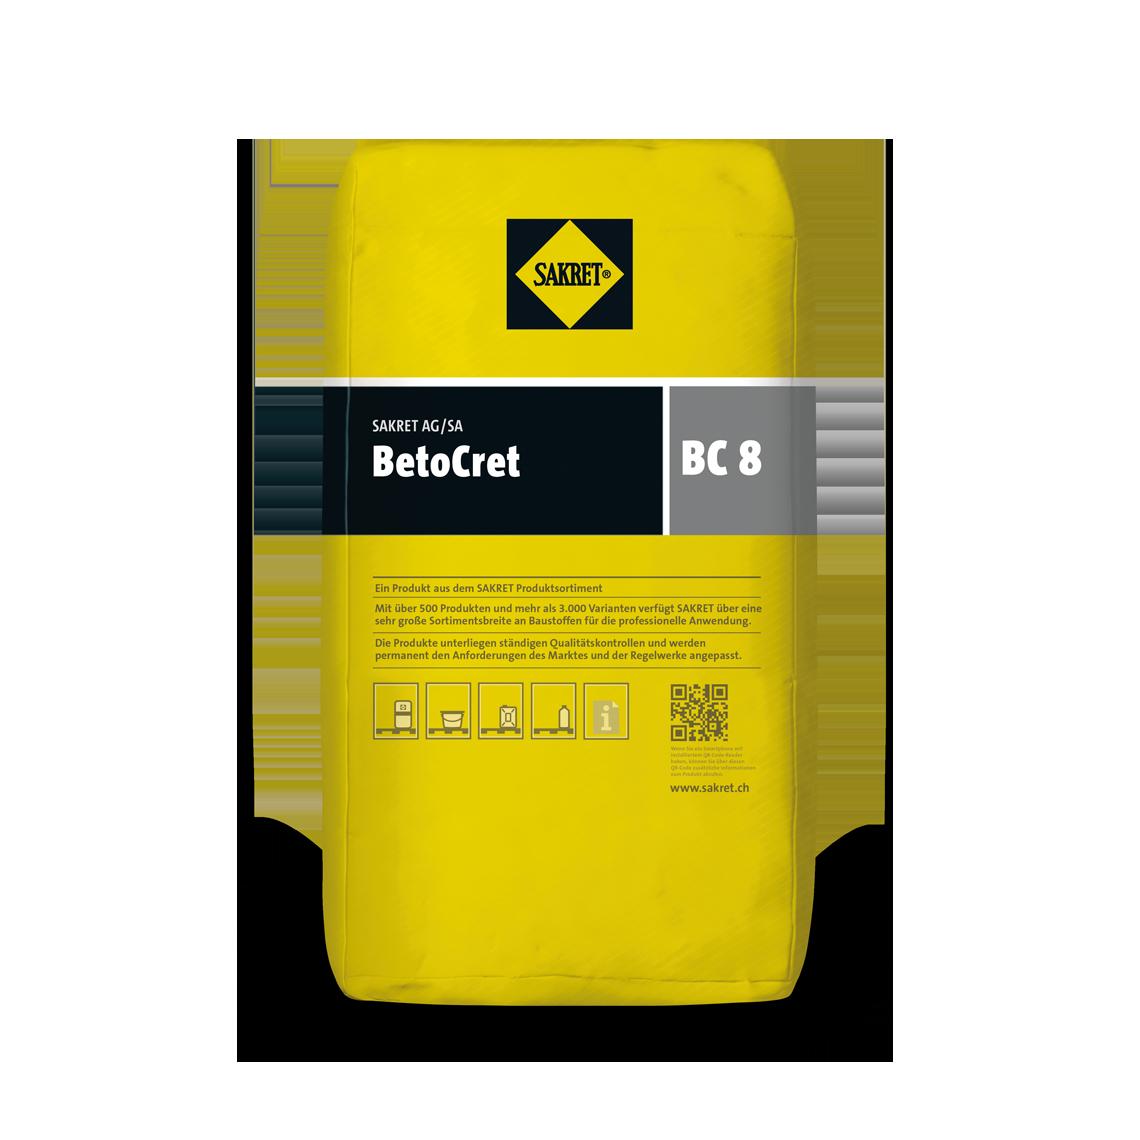 SAKRET Schweiz BetoCret BC8